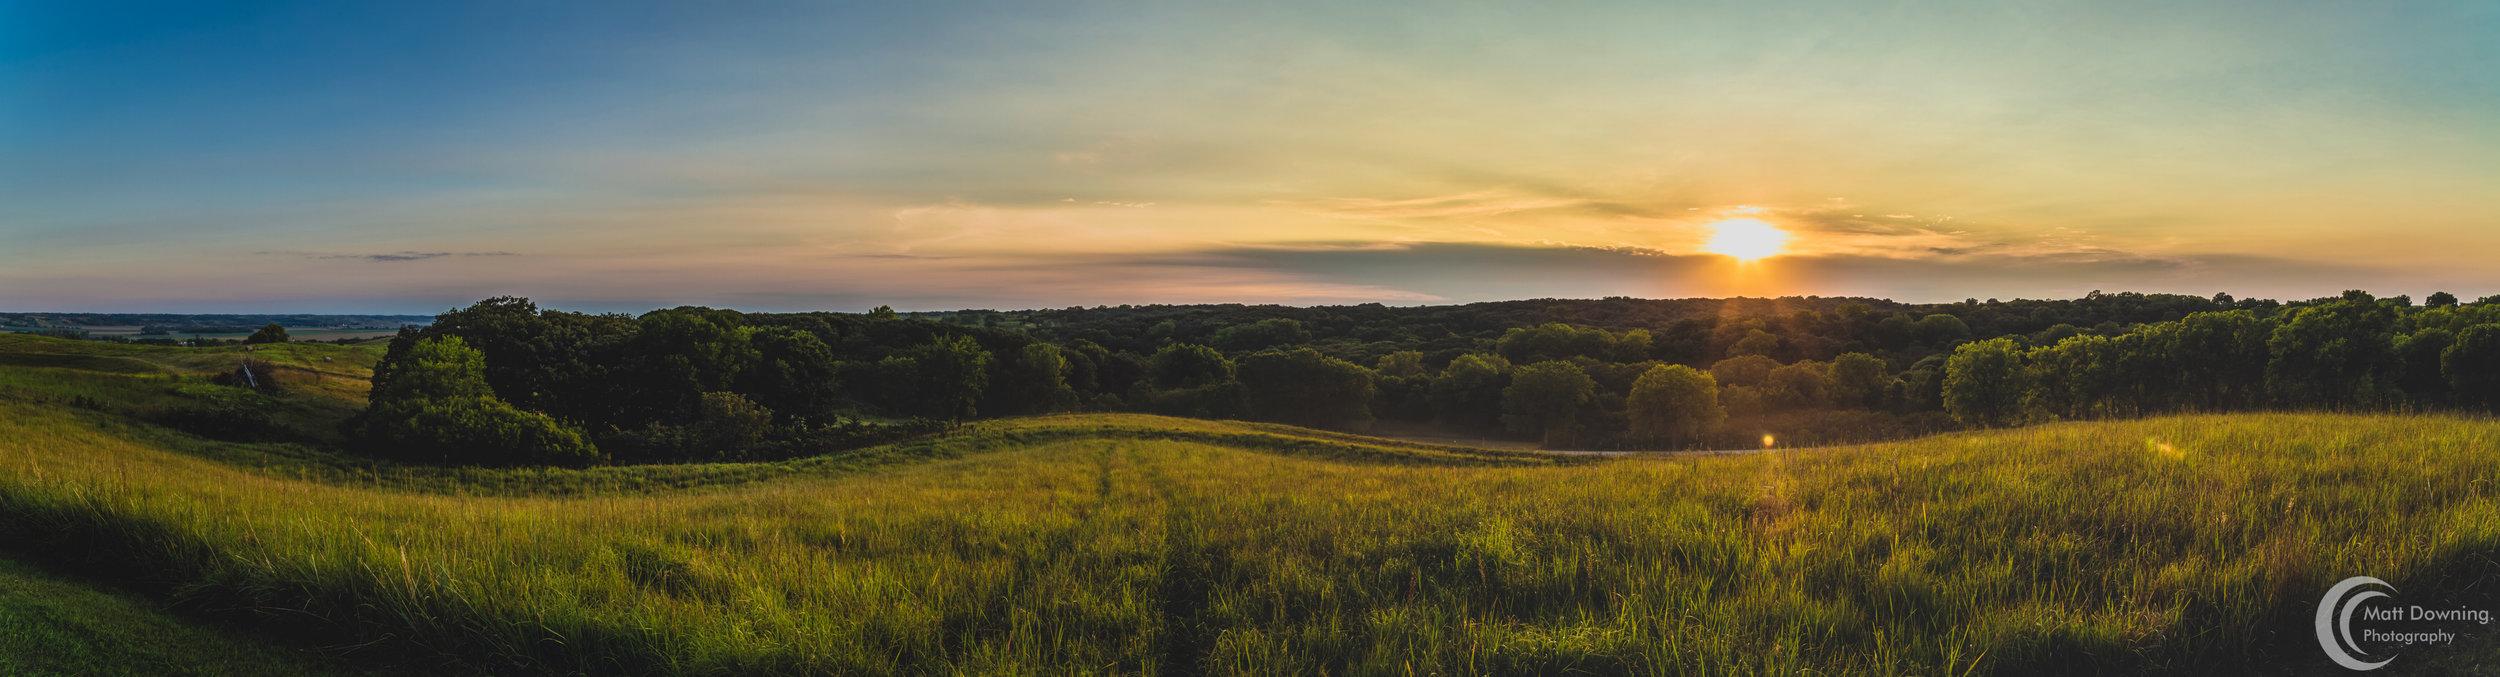 wheat pano 3.jpg